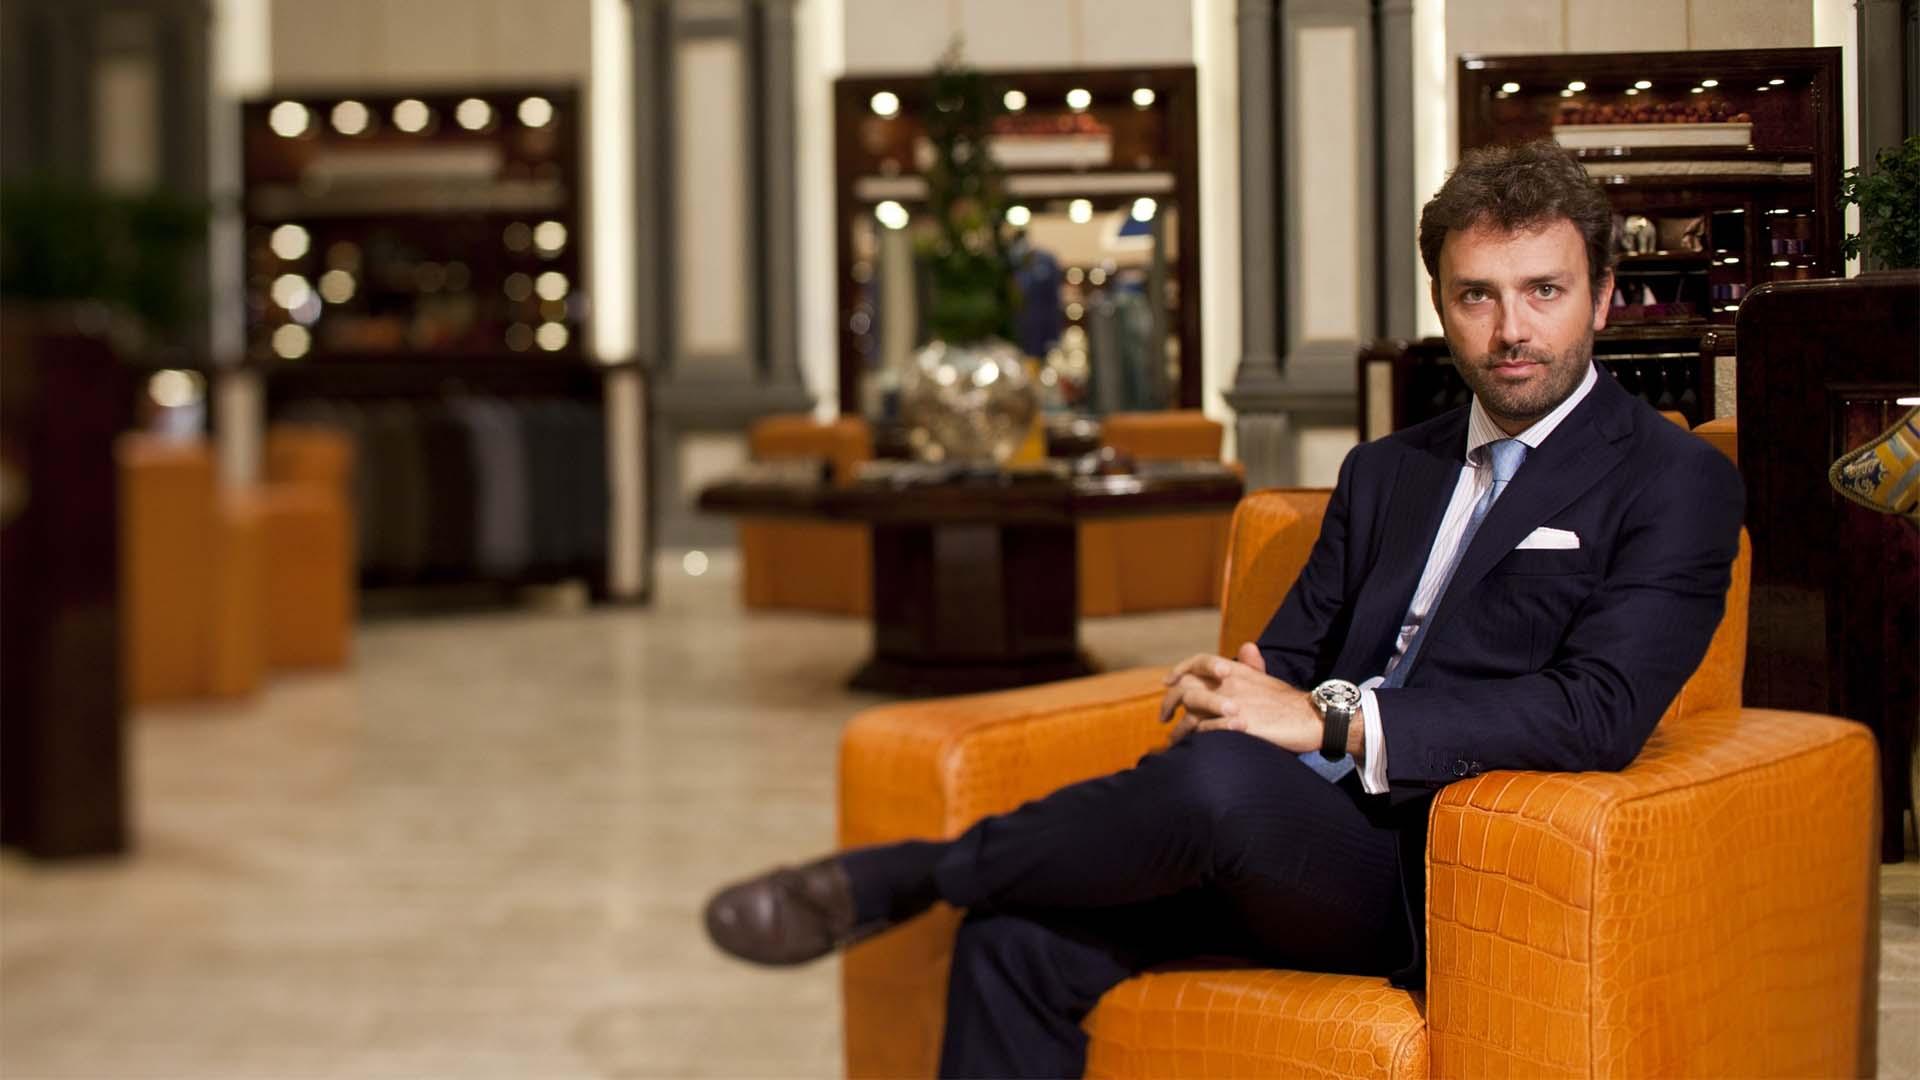 Niccolò Ricci, CEO Stefano Ricci (interview)